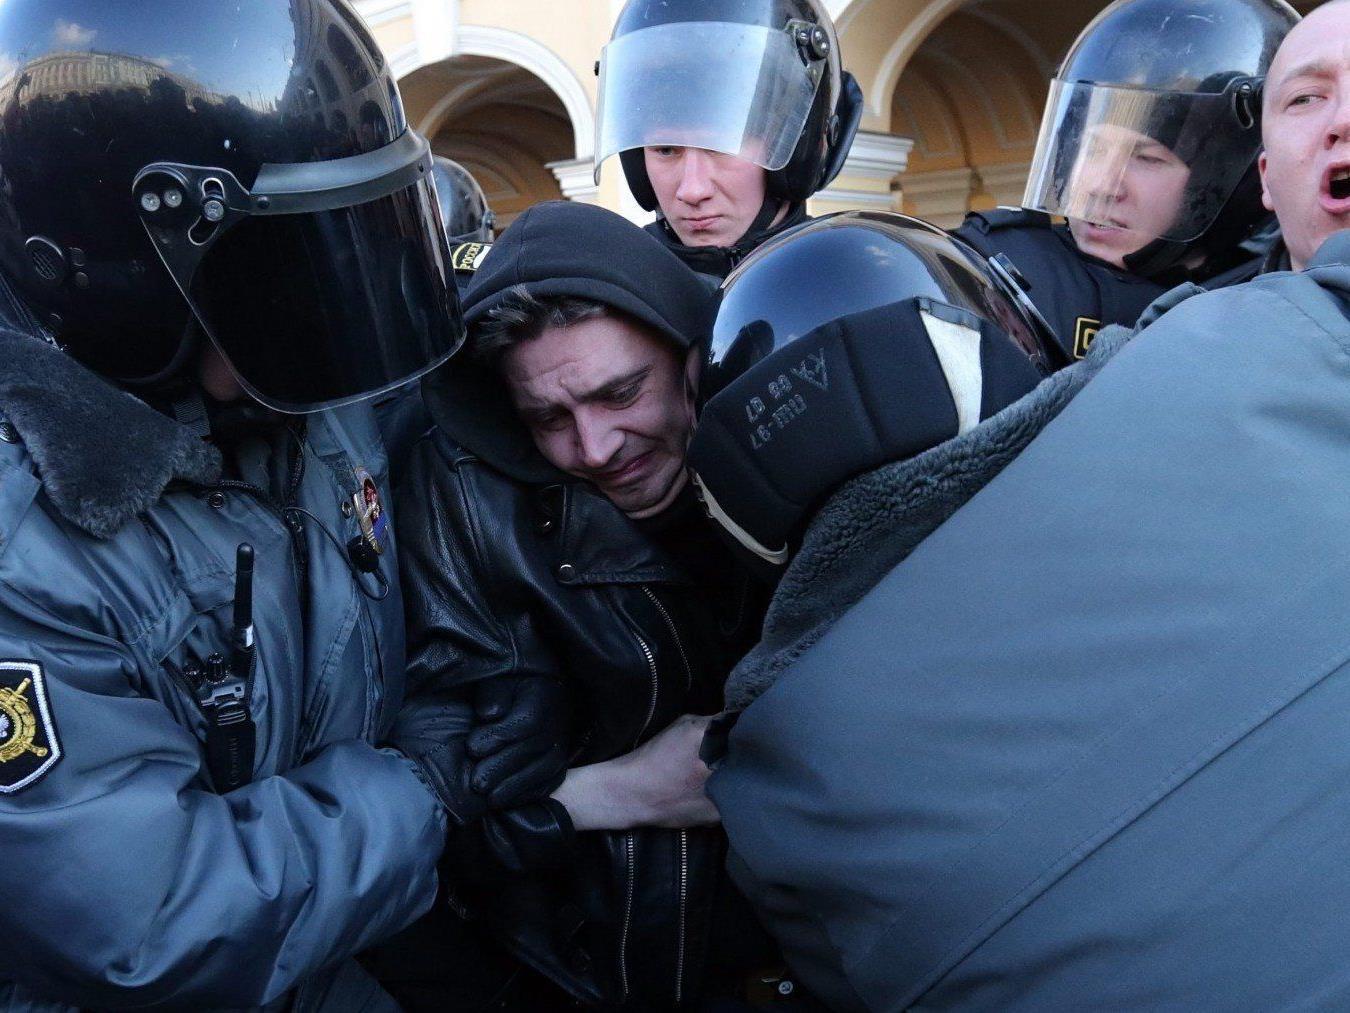 Massenschlägereien sind keine Seltenheit in St. Petersburg.